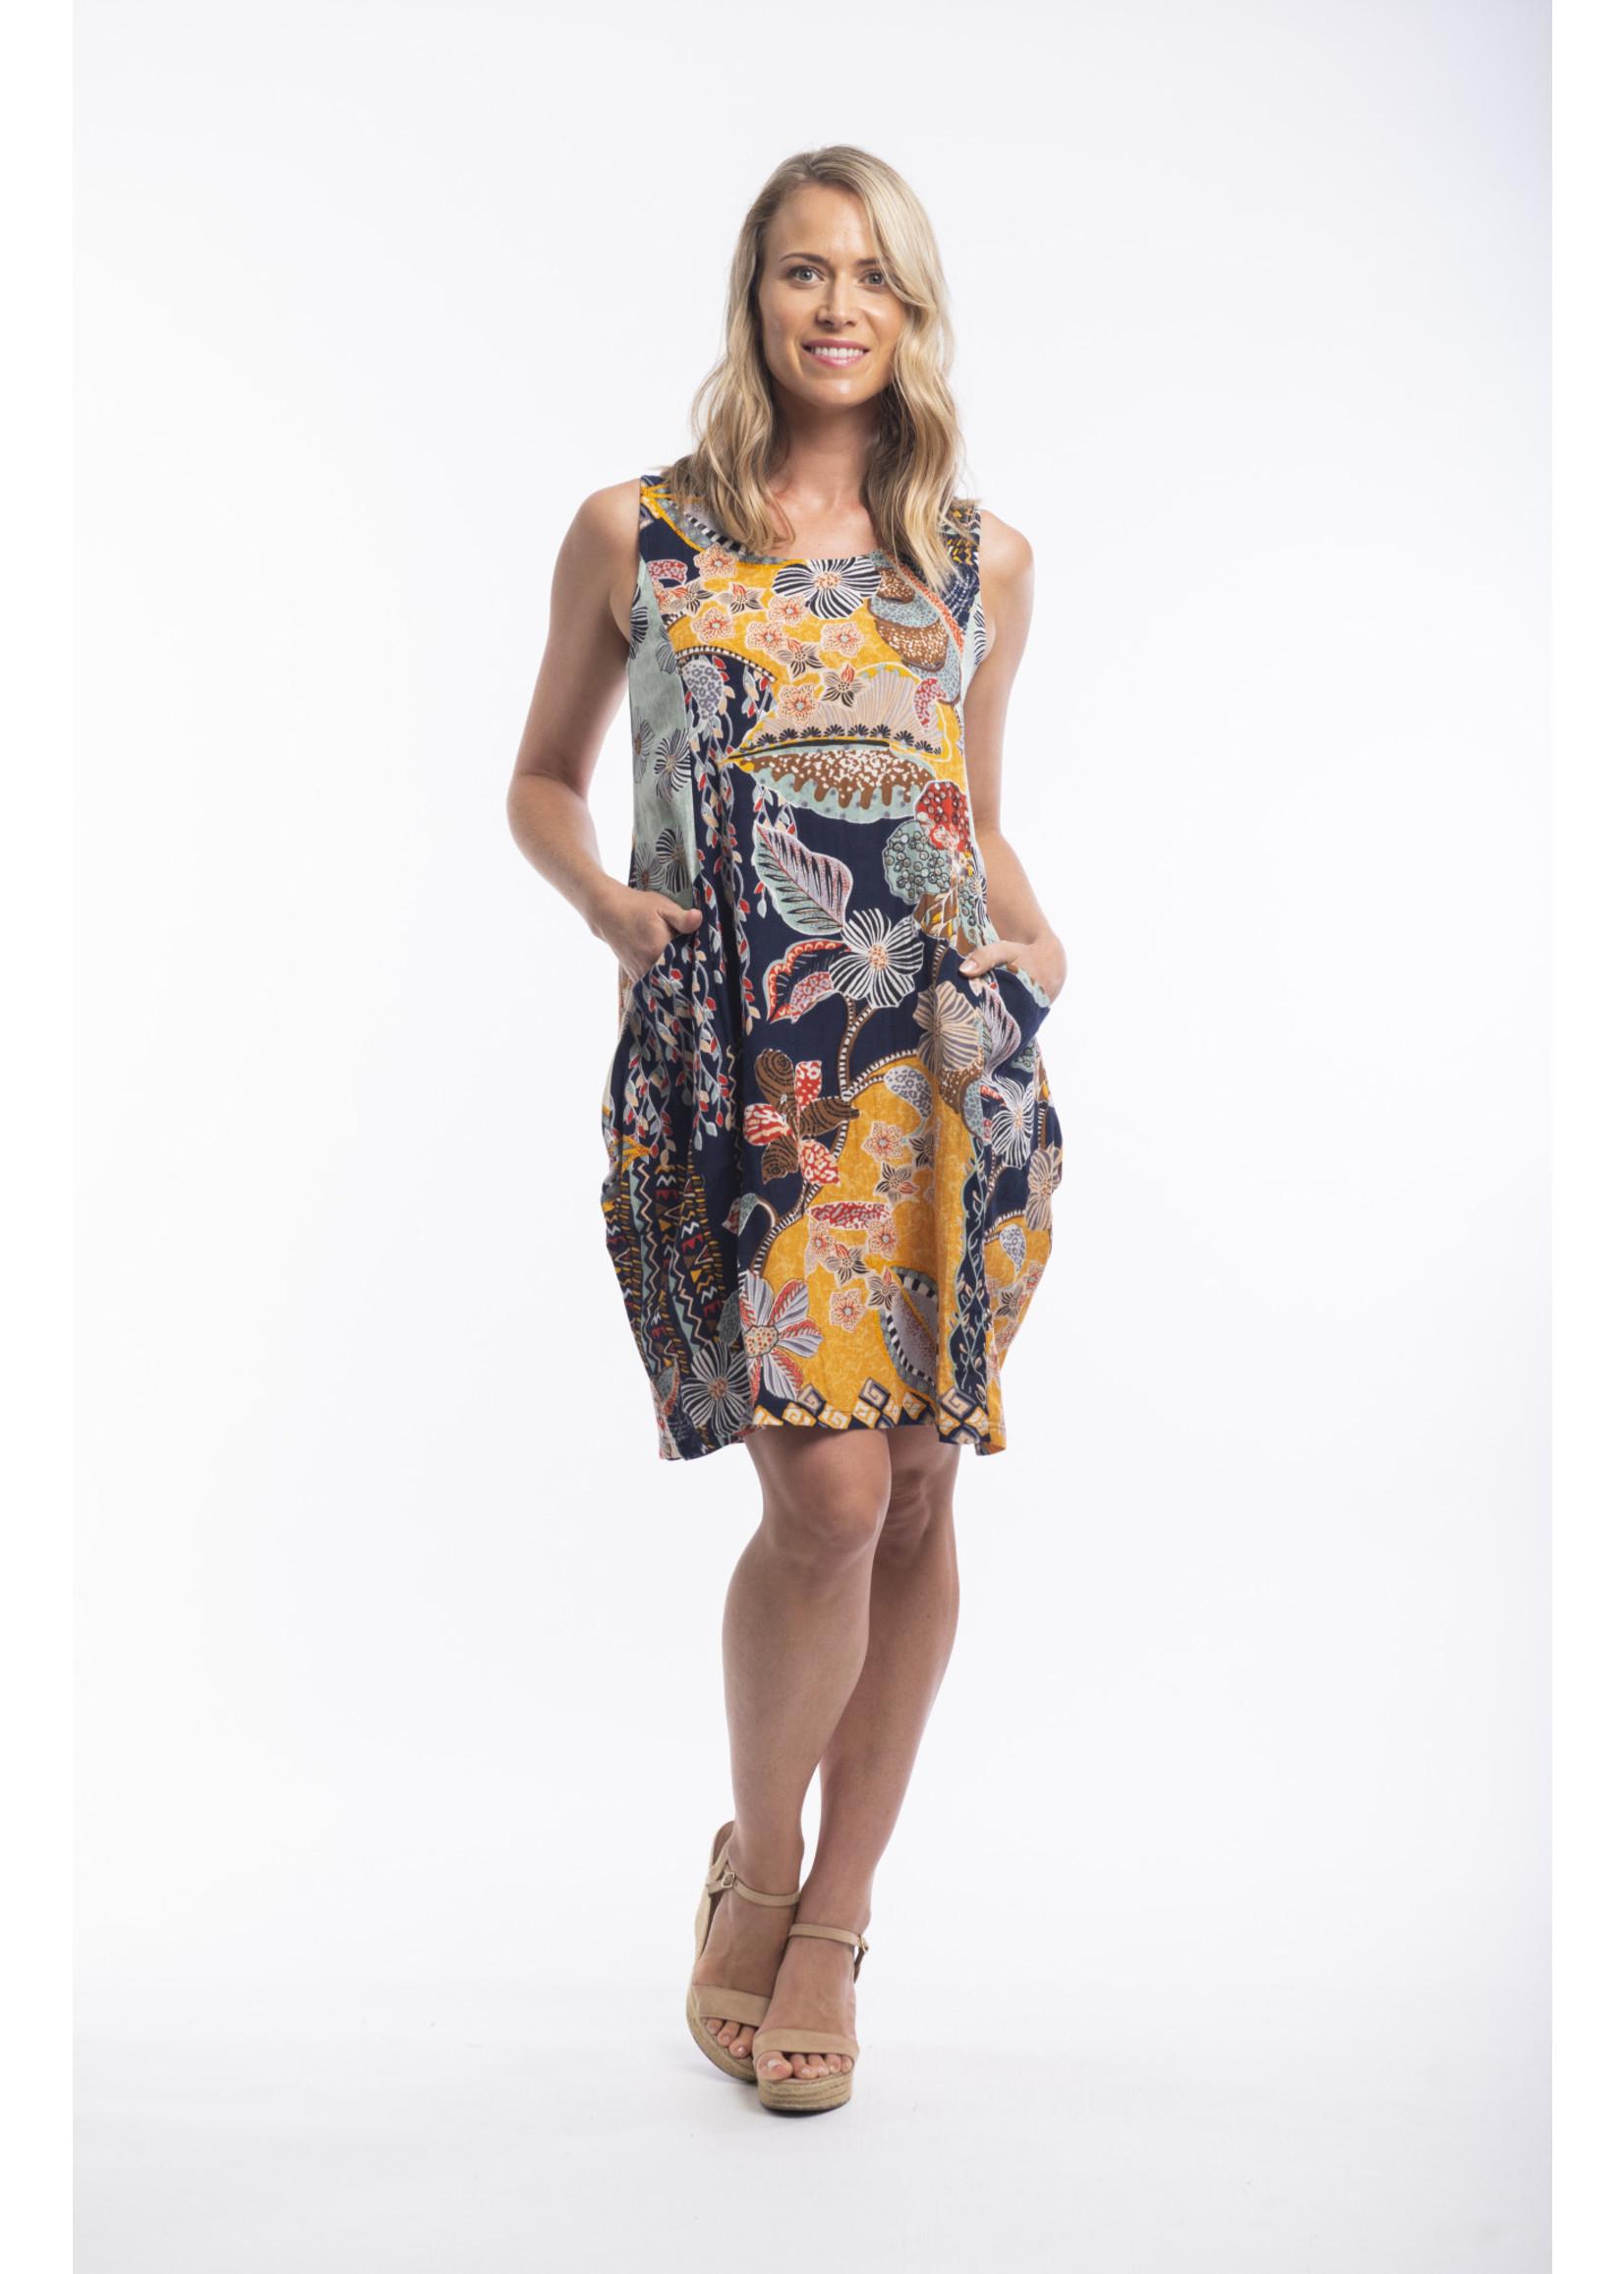 Orientique Andalucia Dress